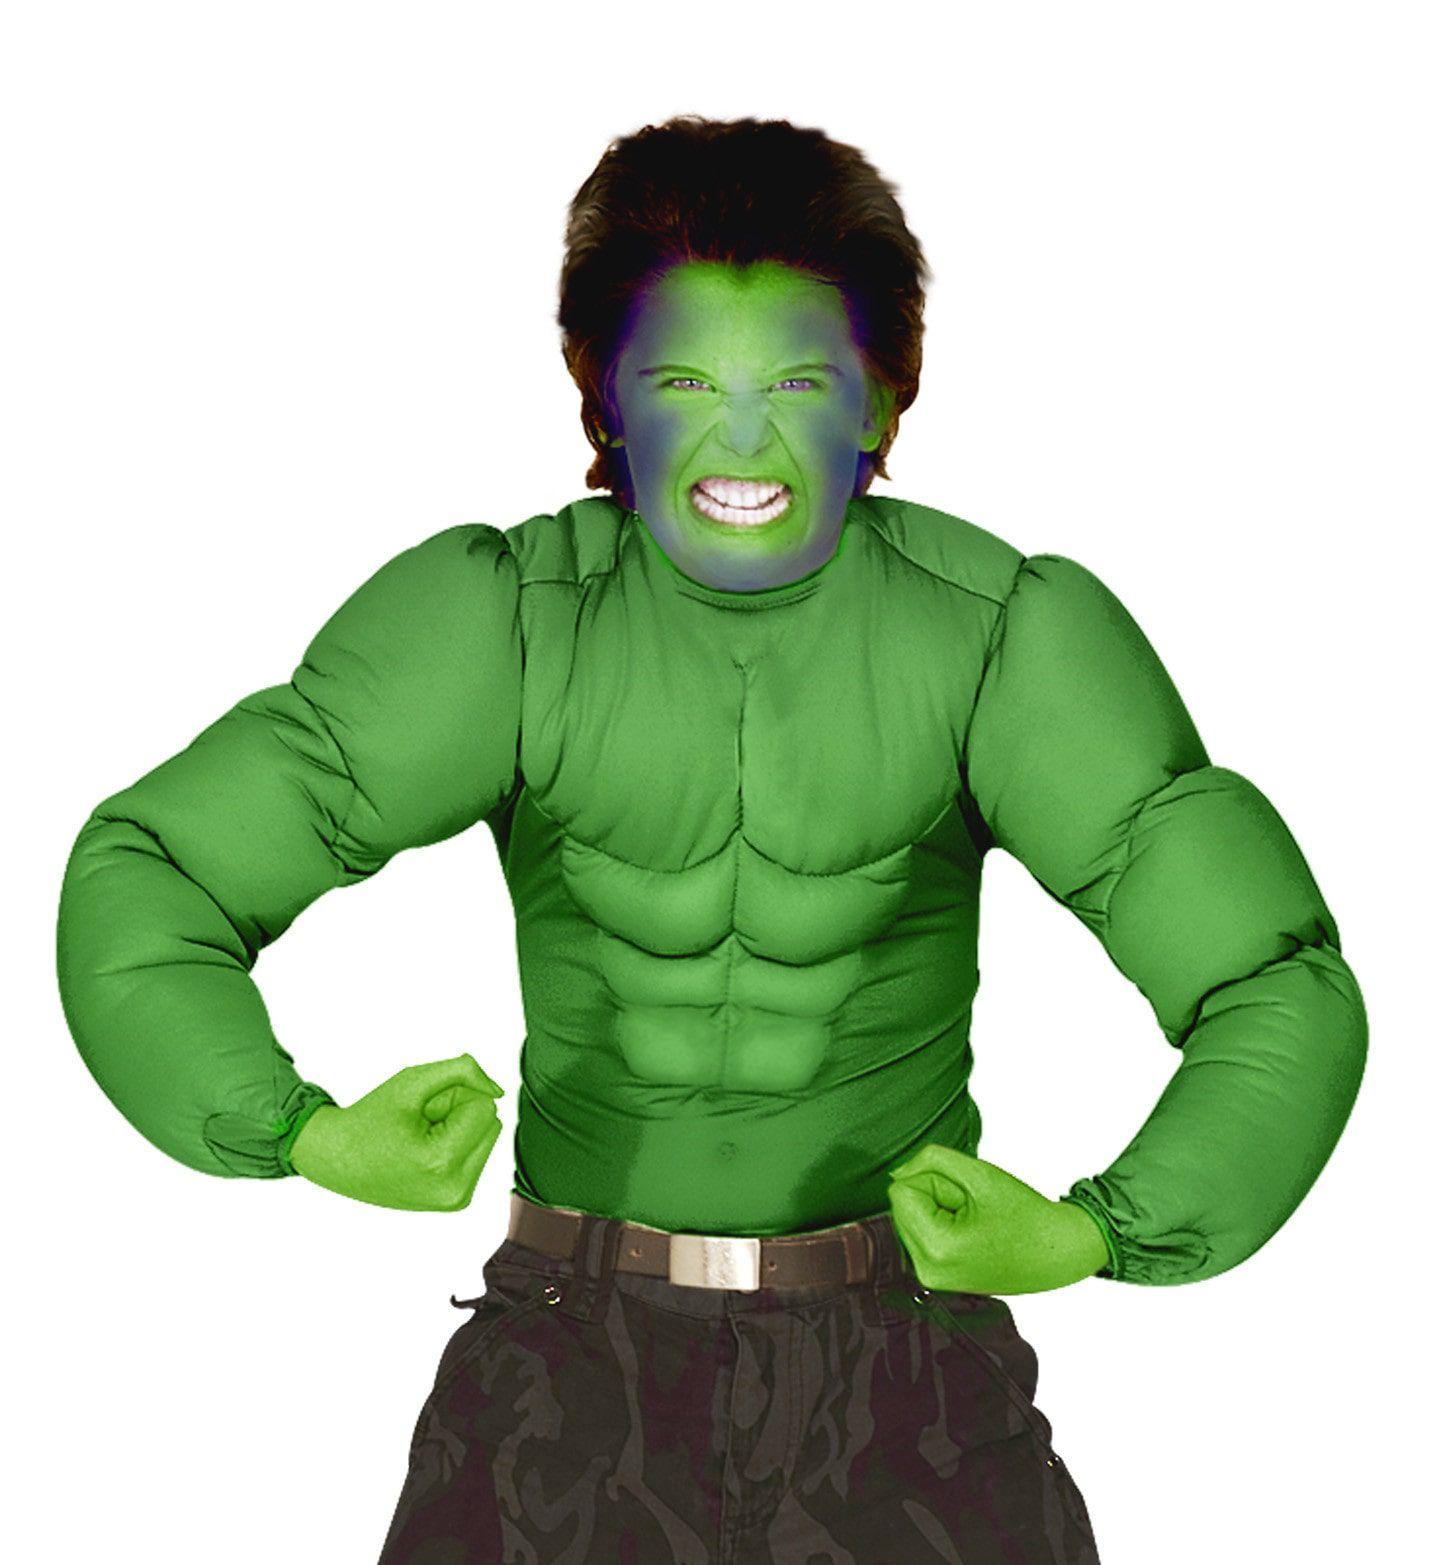 Machtig Spierenshirt Groen Kind Jongen